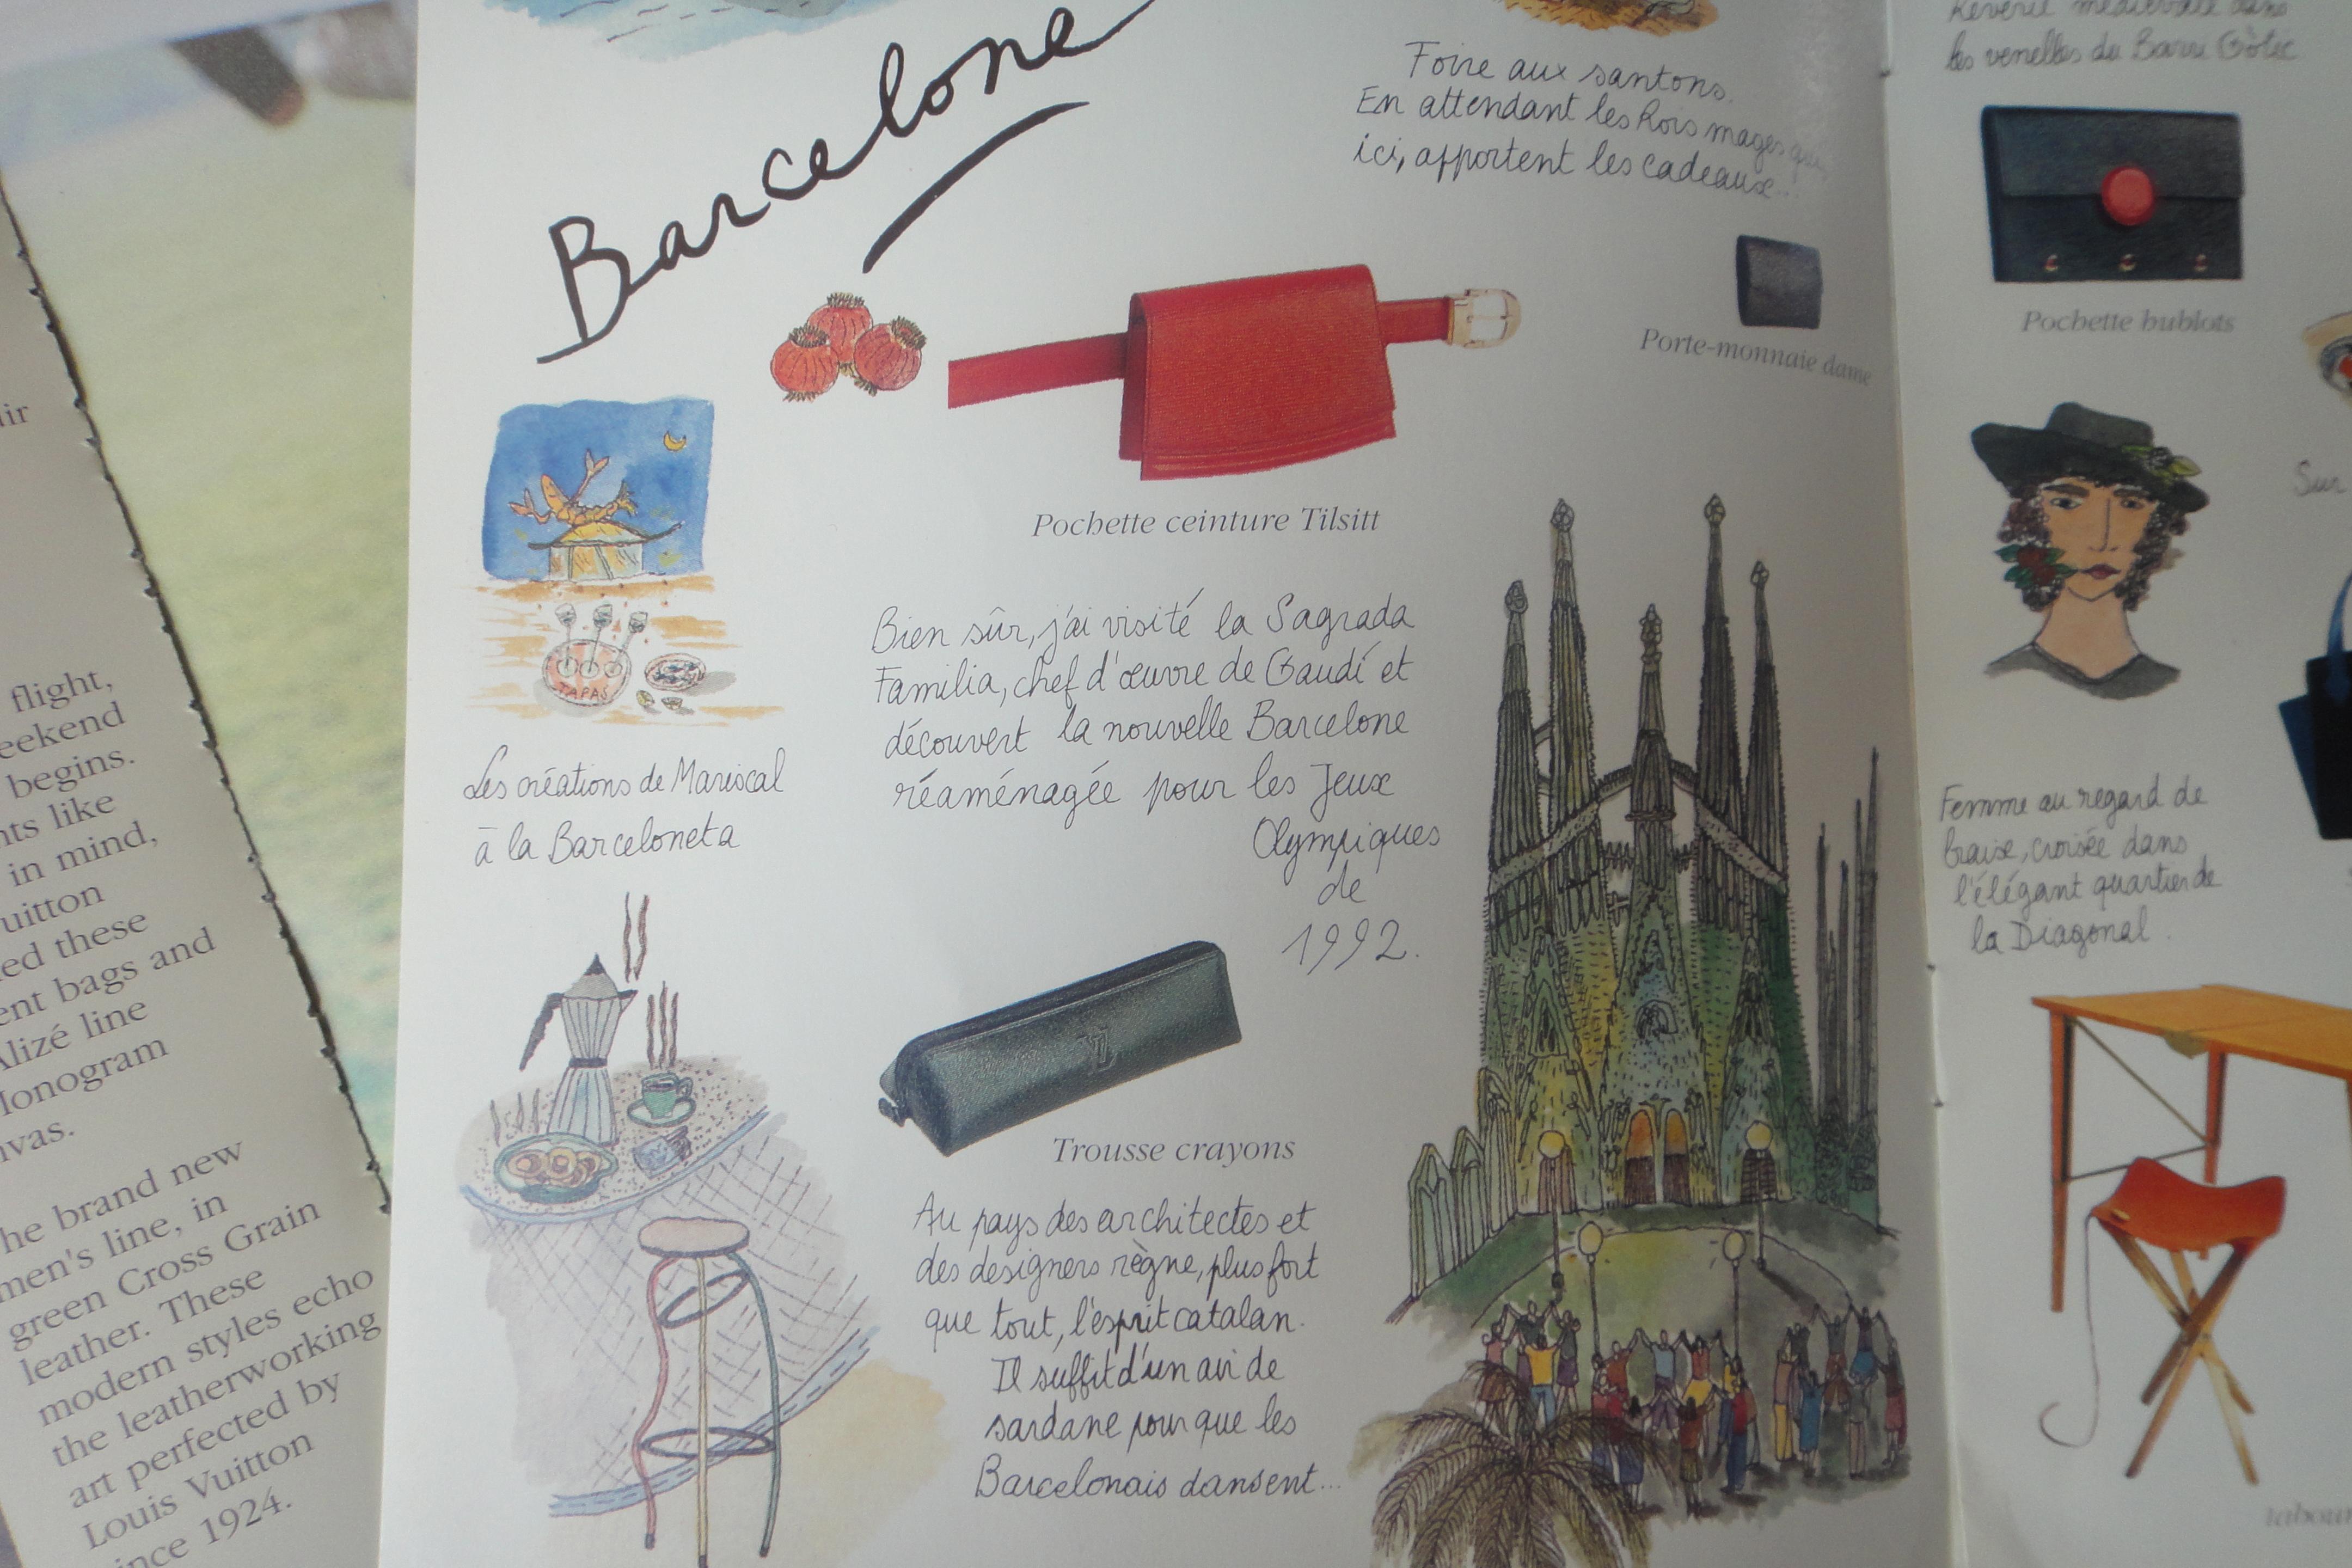 from:/aus: Noel en Louis Vuitton (c) Louis Vuitton 1991